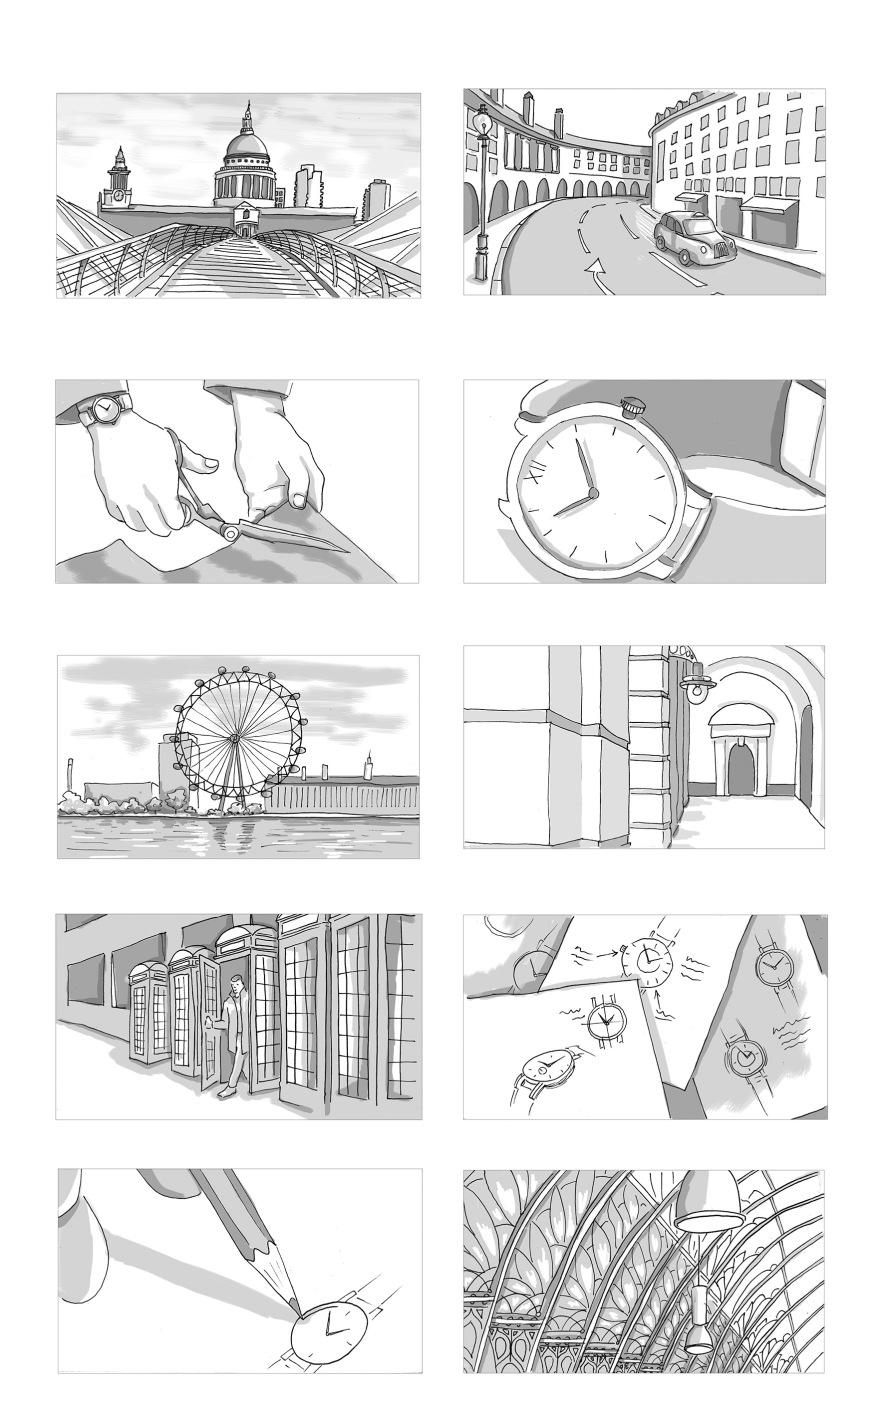 storyboard artist – Yuliya Pankratova Illustration